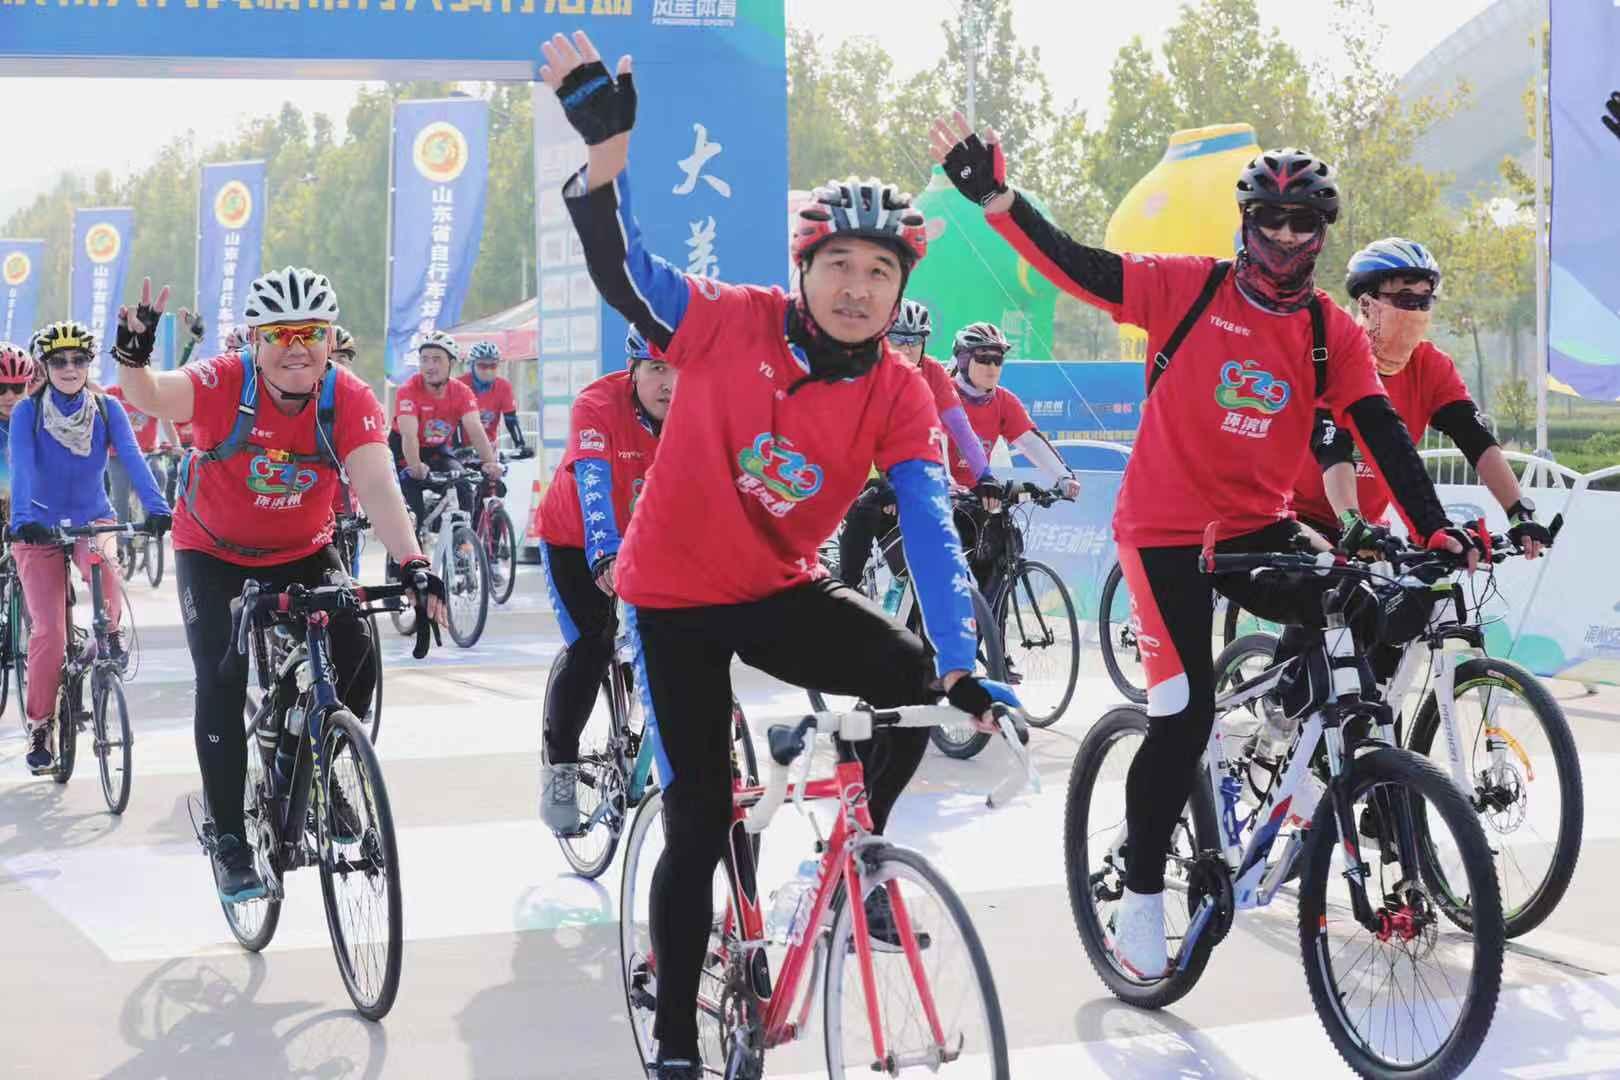 31秒|环滨州黄河风情带万人骑行启动 拉开国际自行车赛序幕